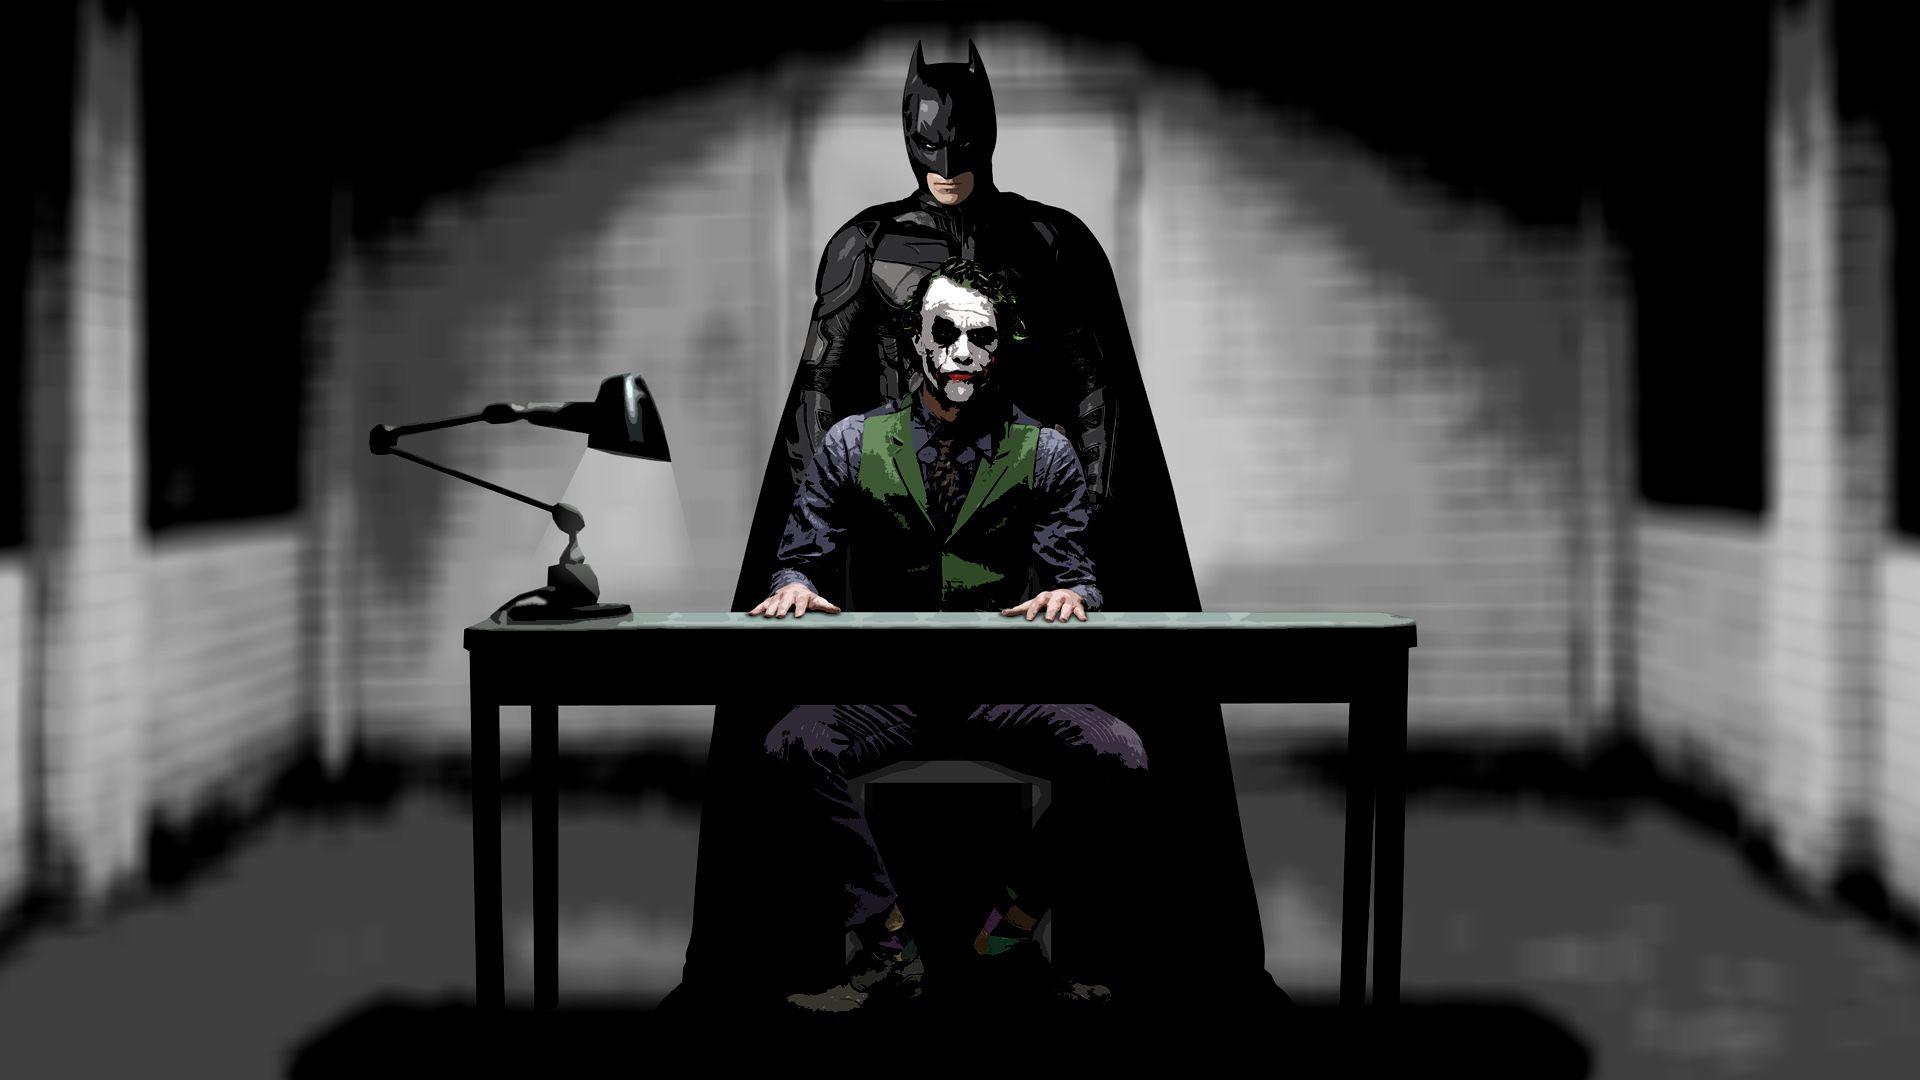 Hd wallpaper of joker - Joker Hd Wallpapers 1080p Wallpapersafari Images Wallpapers Pinterest Hd Wallpaper And Wallpaper